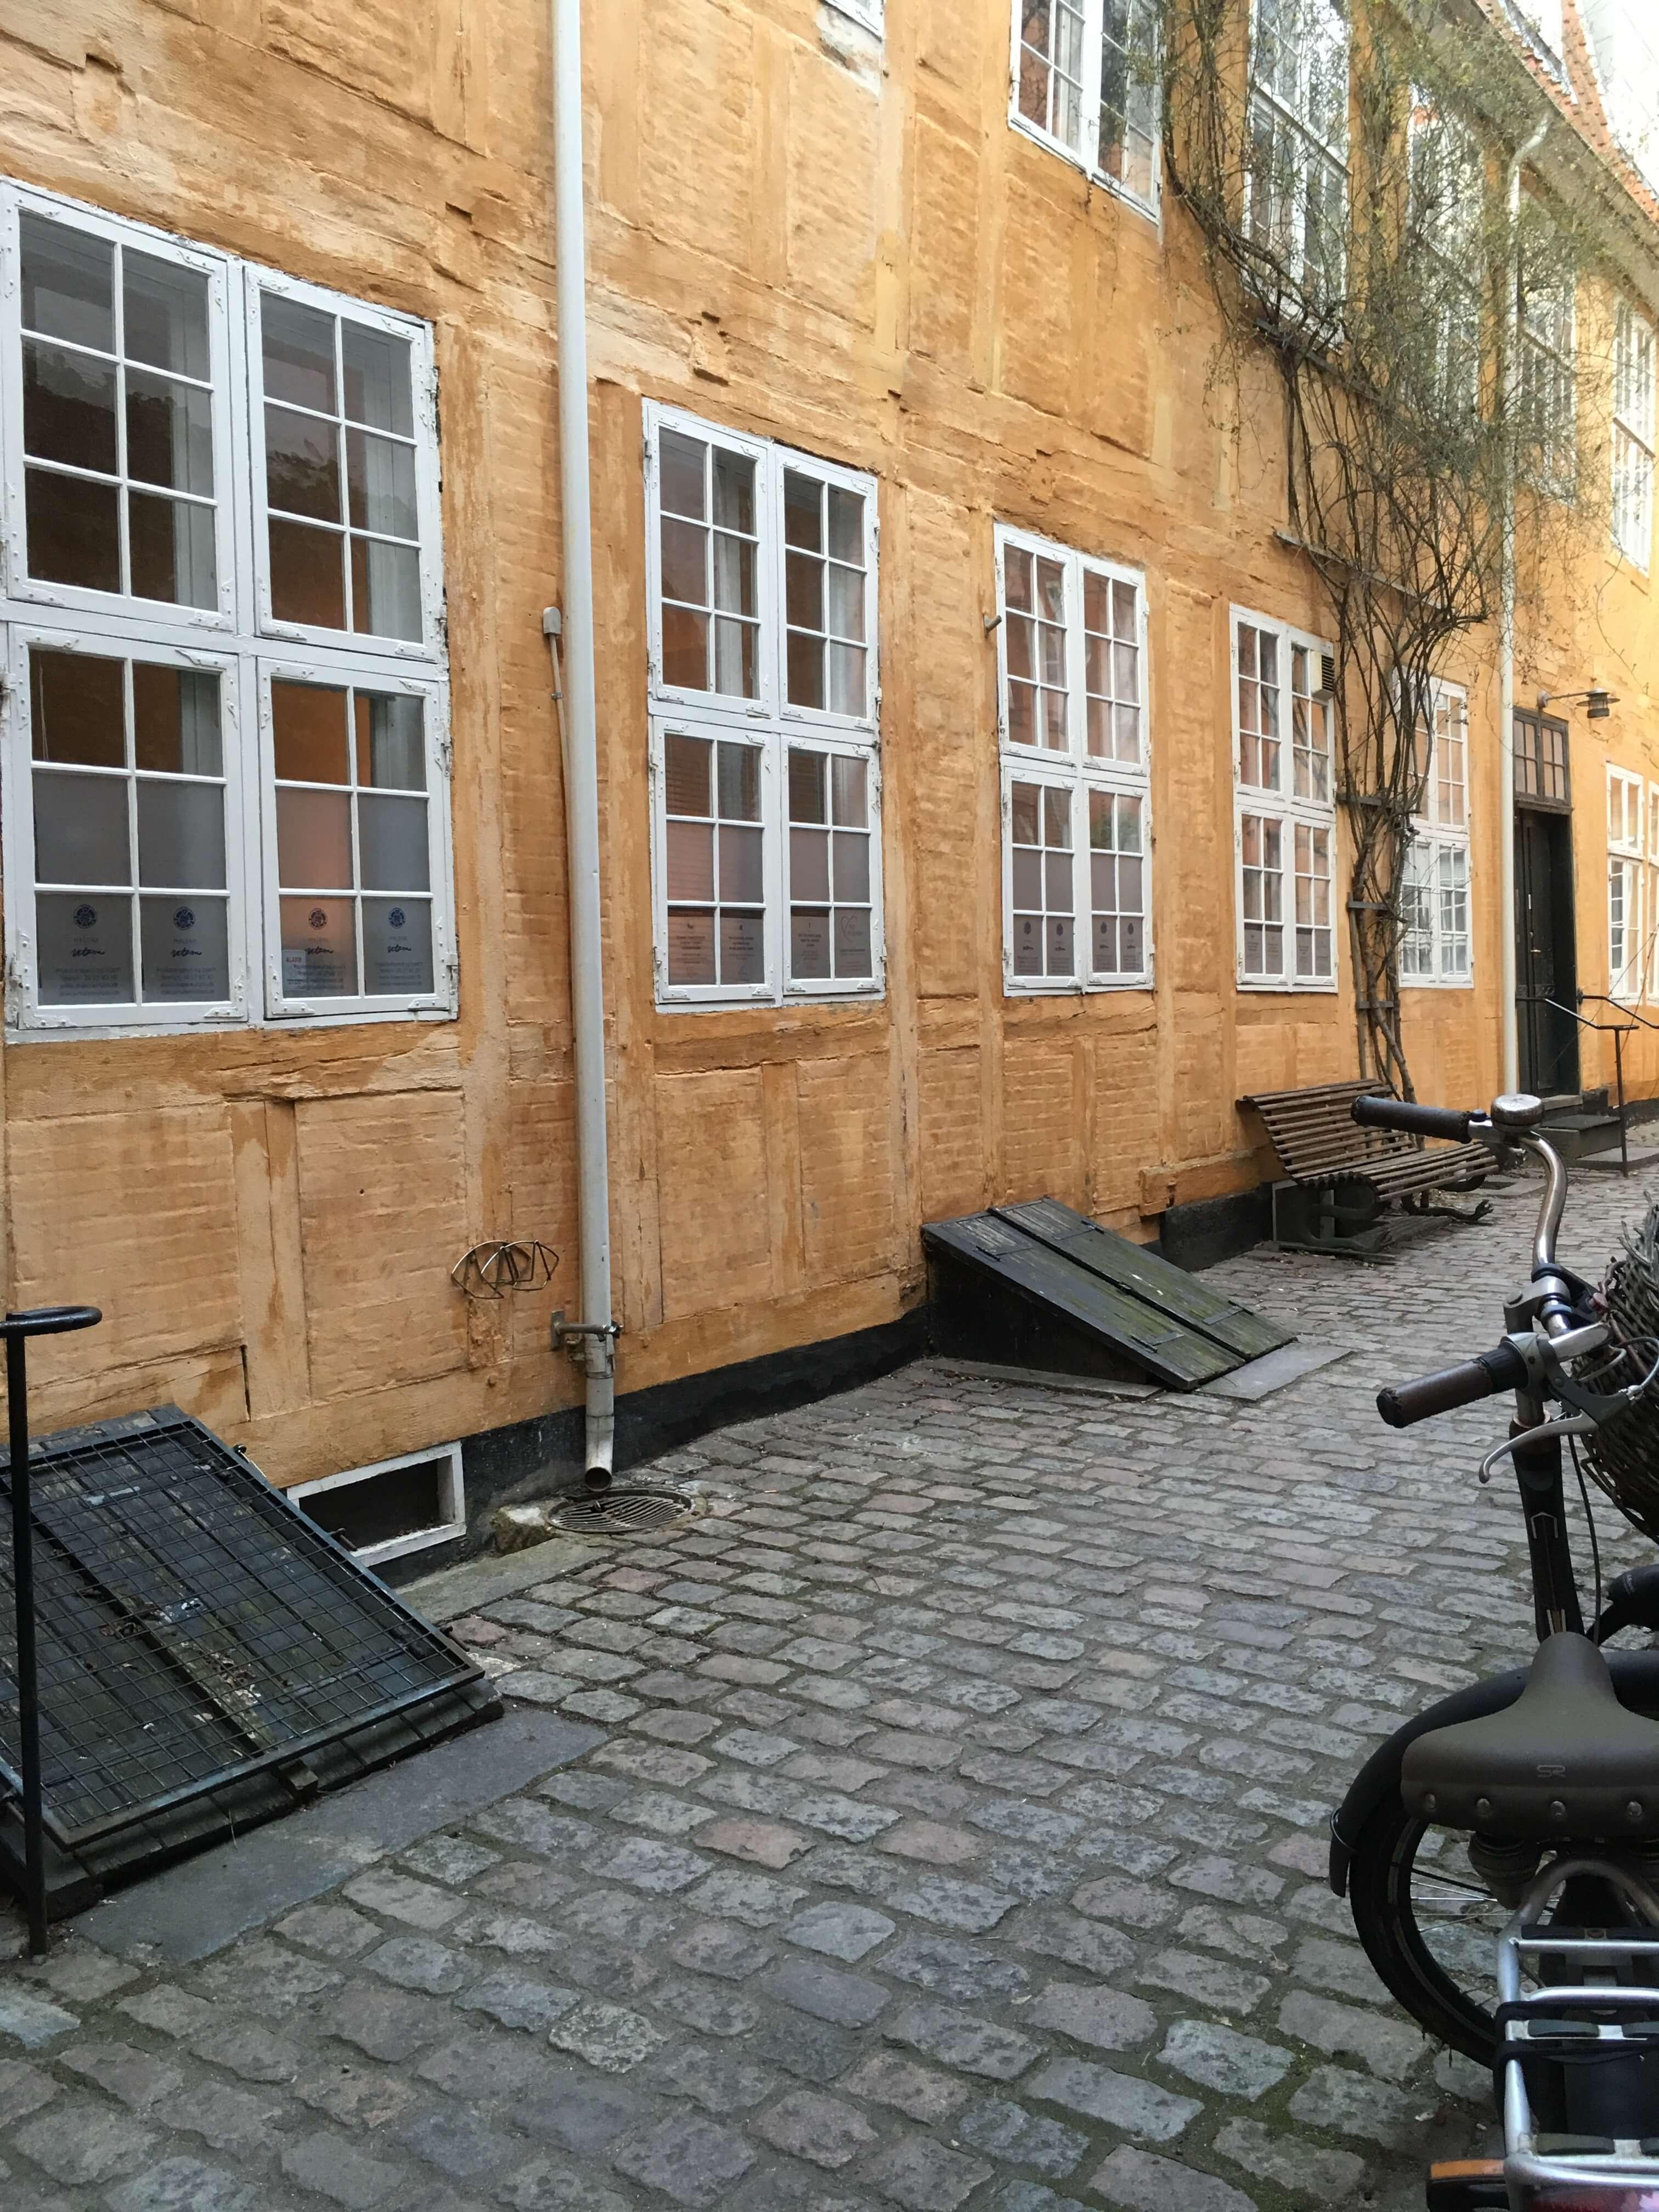 NytPerspektiv lokale i Lille Strandstræde udenfor